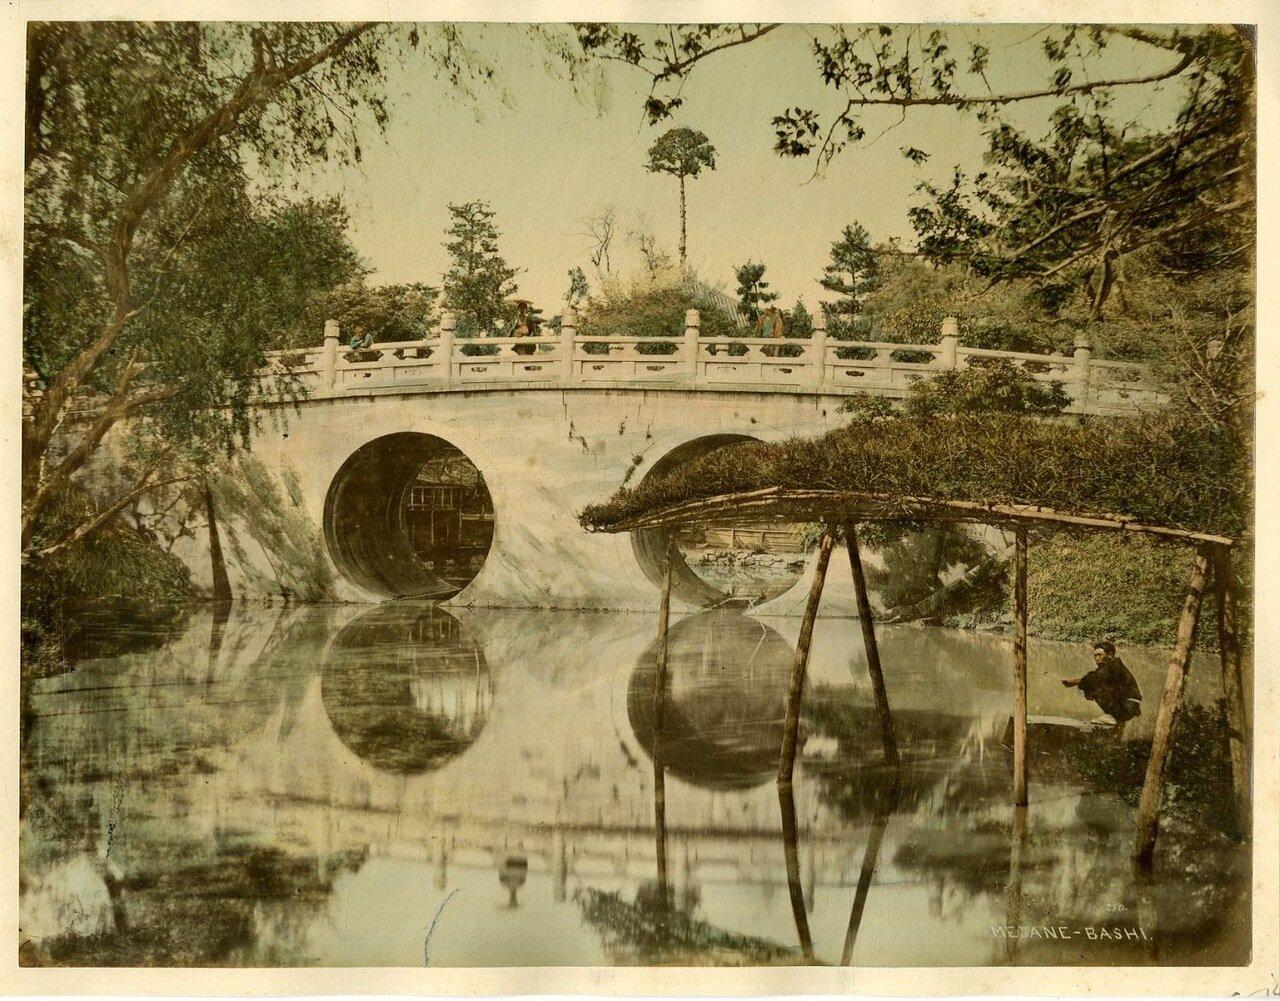 Нагасаки. Мост Мегане Баши